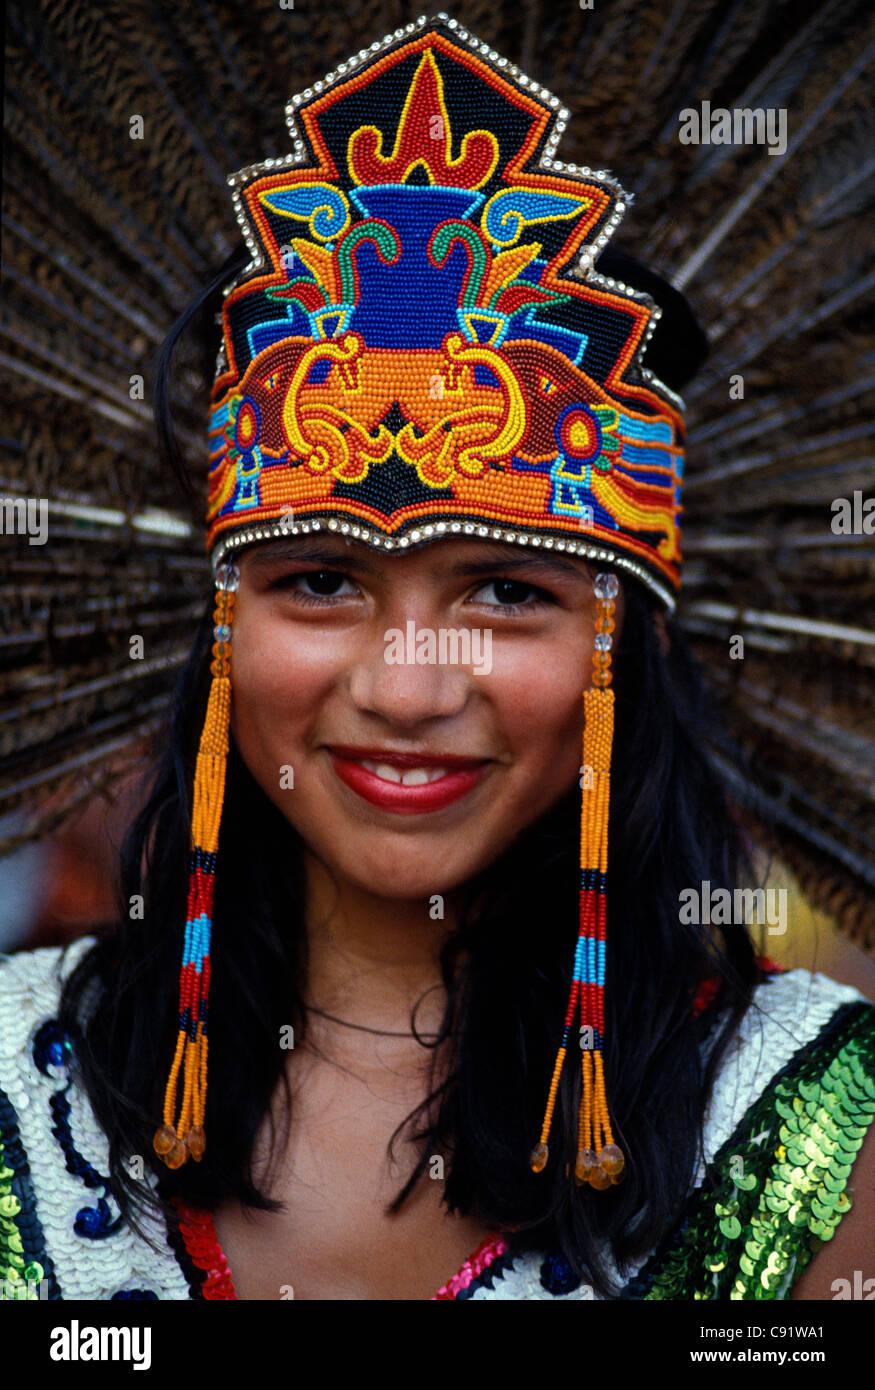 Giovane ragazza messicana in costume azteca durante il Cinco de Mayo feste nel centro di Los Angeles in California Immagini Stock